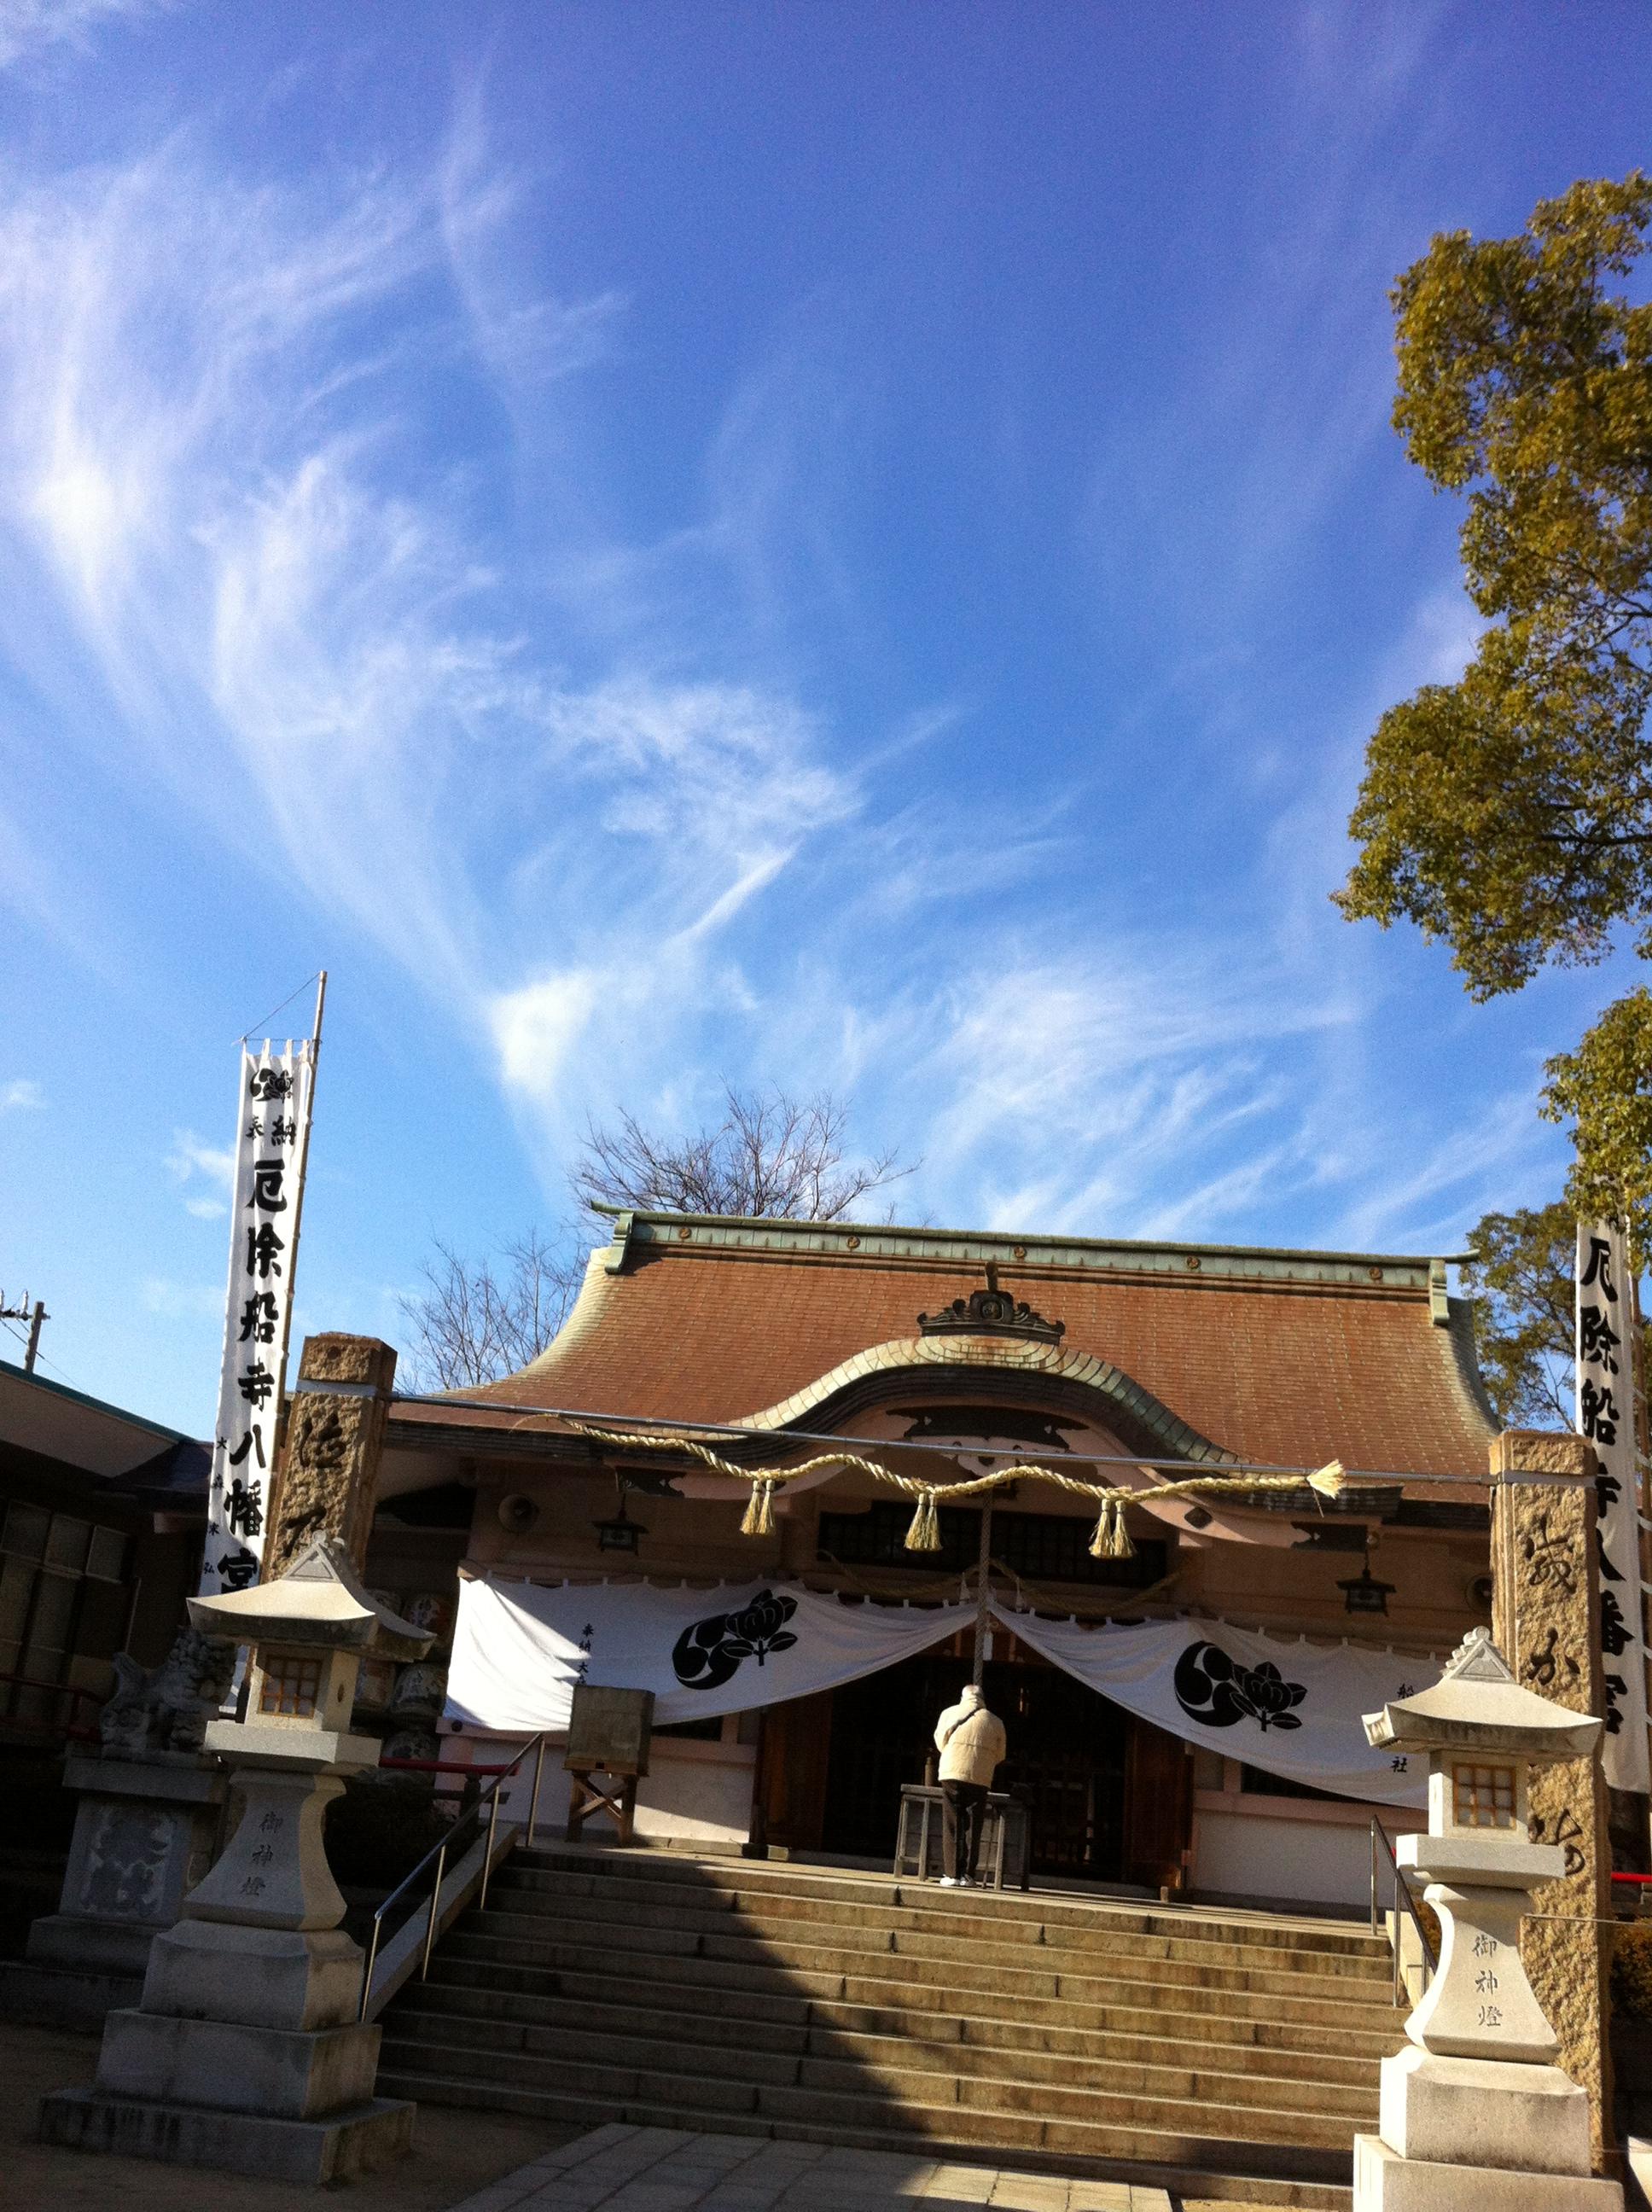 2012年1月  2012年1月6日 参拝のあと、空を見ると、 大きな鳳凰の雲が出ていました。 大きすぎて、一枚には収まりませんでした